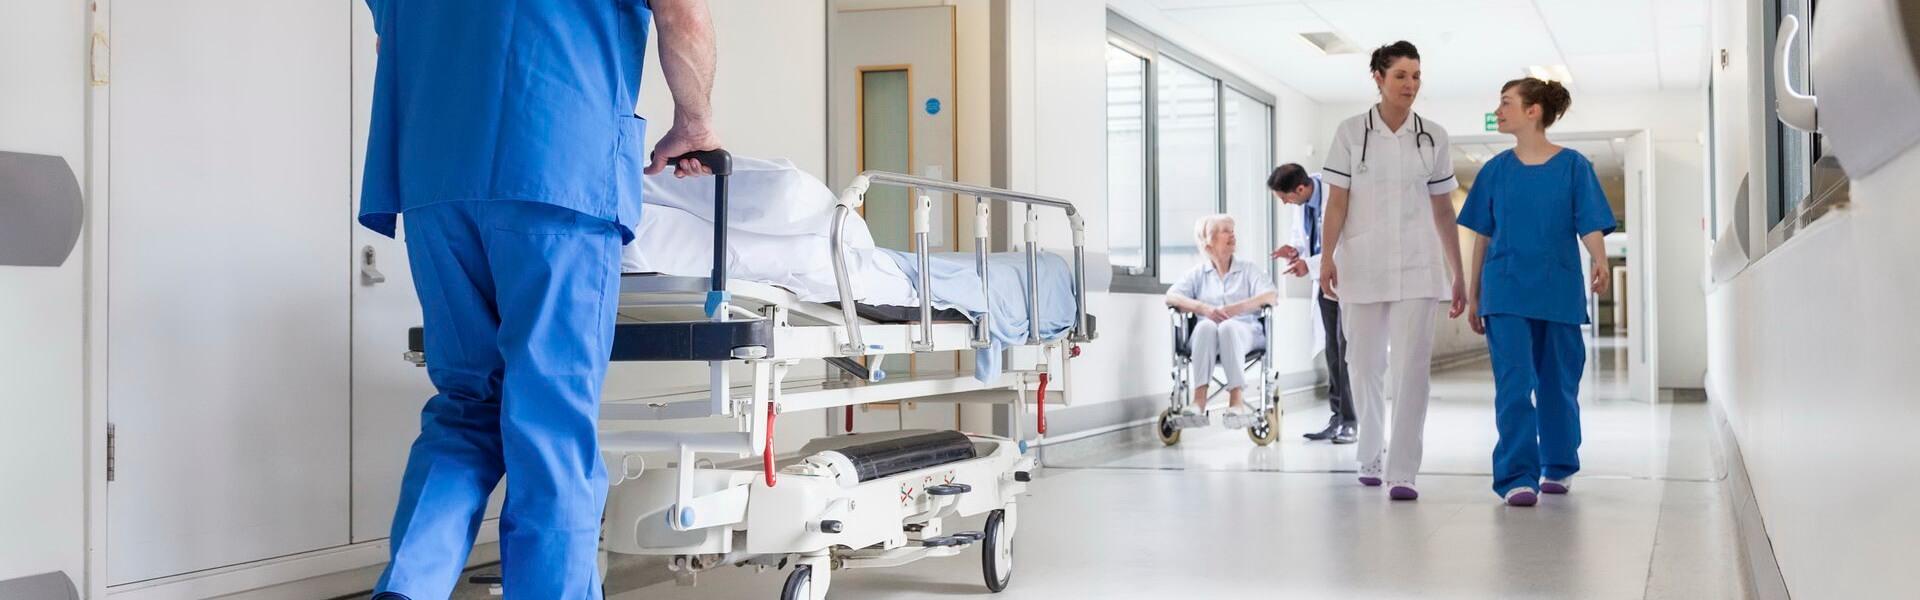 Medical Clinics, Hospitals, Doctors' Waiting Rooms